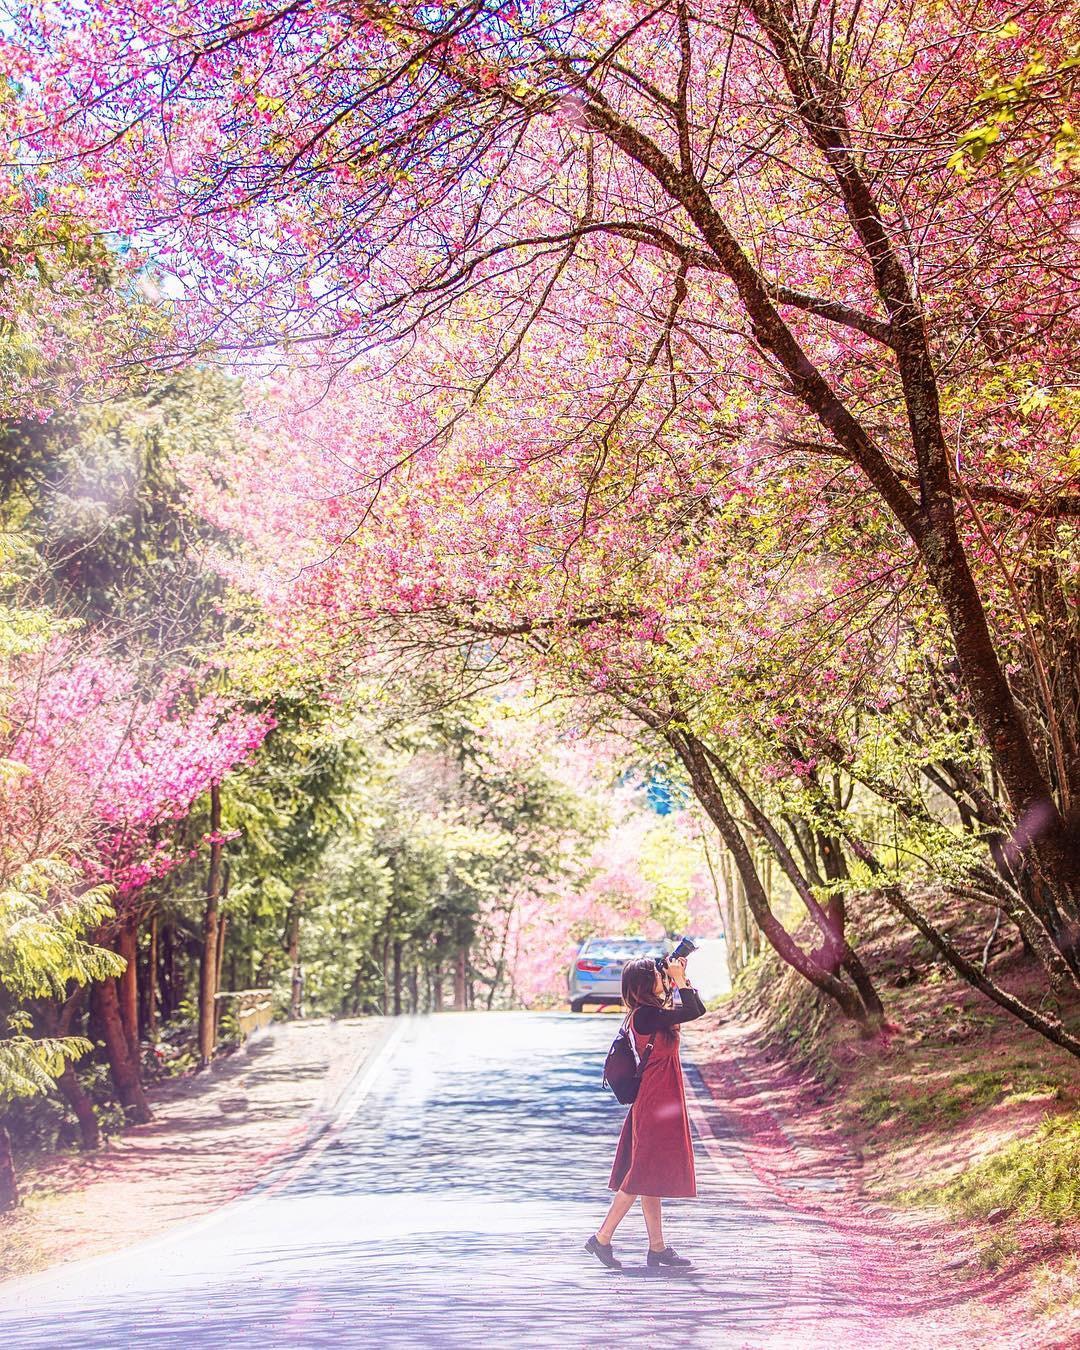 Đài Loan: Hoa anh đào lại nở rợp trời, tạo điều kiện cho trai gái dập dìu chơi xuân - Ảnh 14.